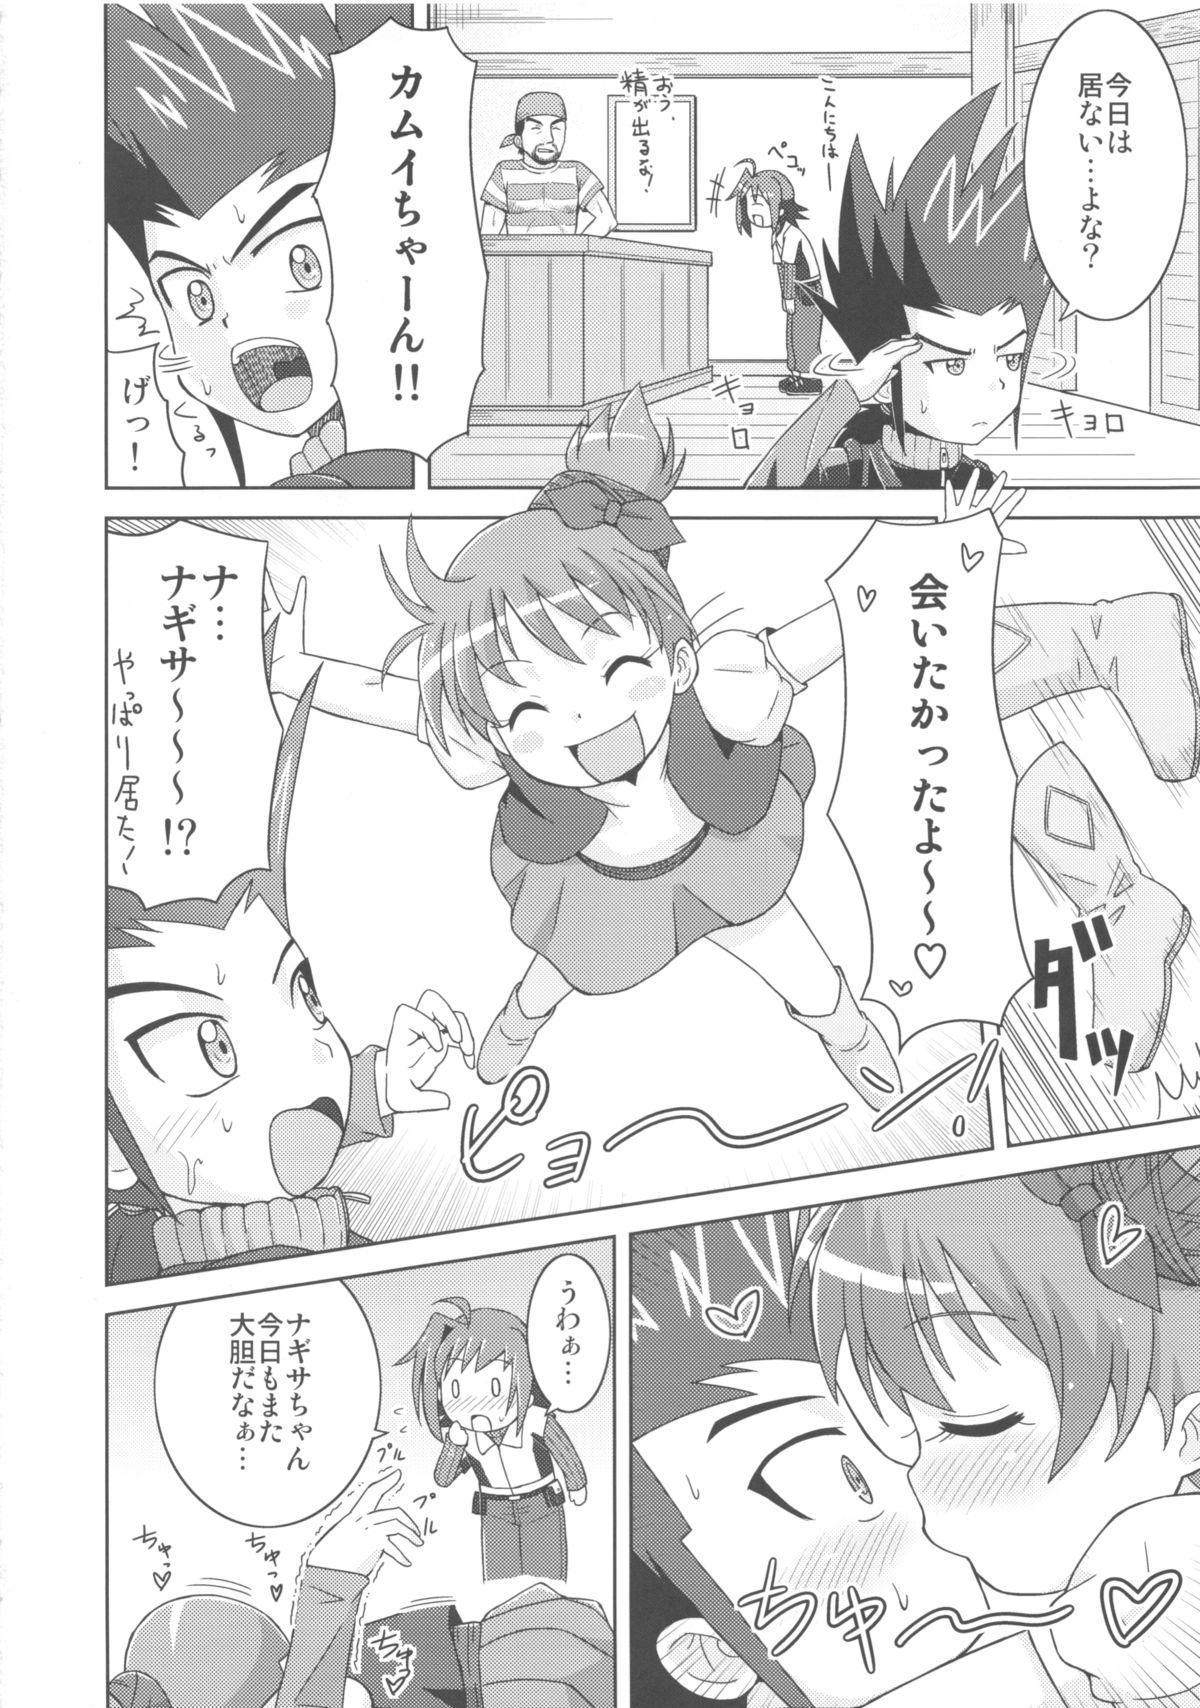 (Puniket 27) [Tori no Ya (Mashikodori)] Kamui-kun to Nagisa-chan to. (Cardfight!! Vanguard) 3